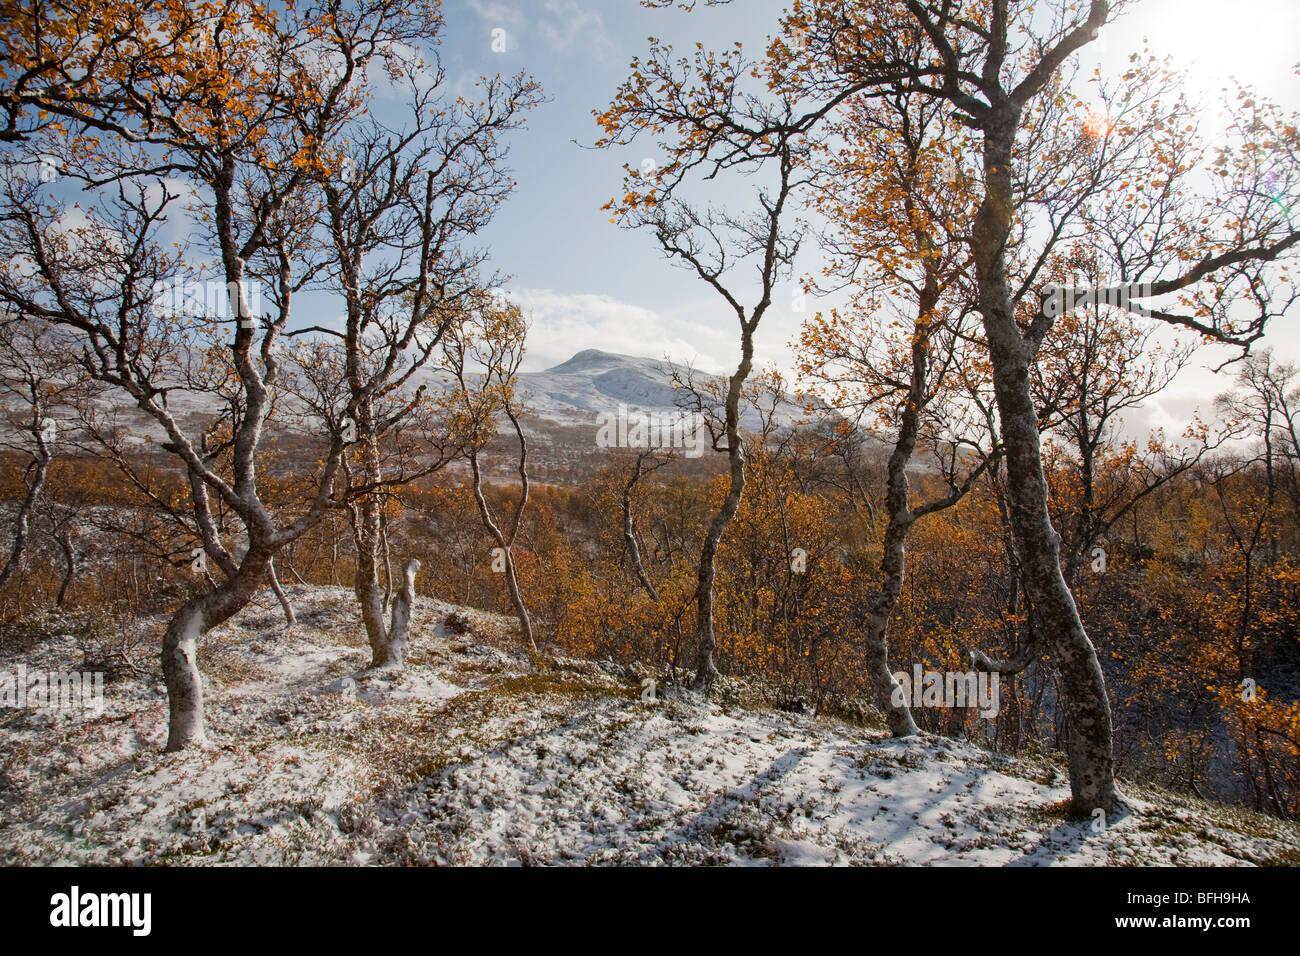 La Suède Jämtland Storulvån fjell saisons automne automne hiver neige première neige Flocons Photo Stock